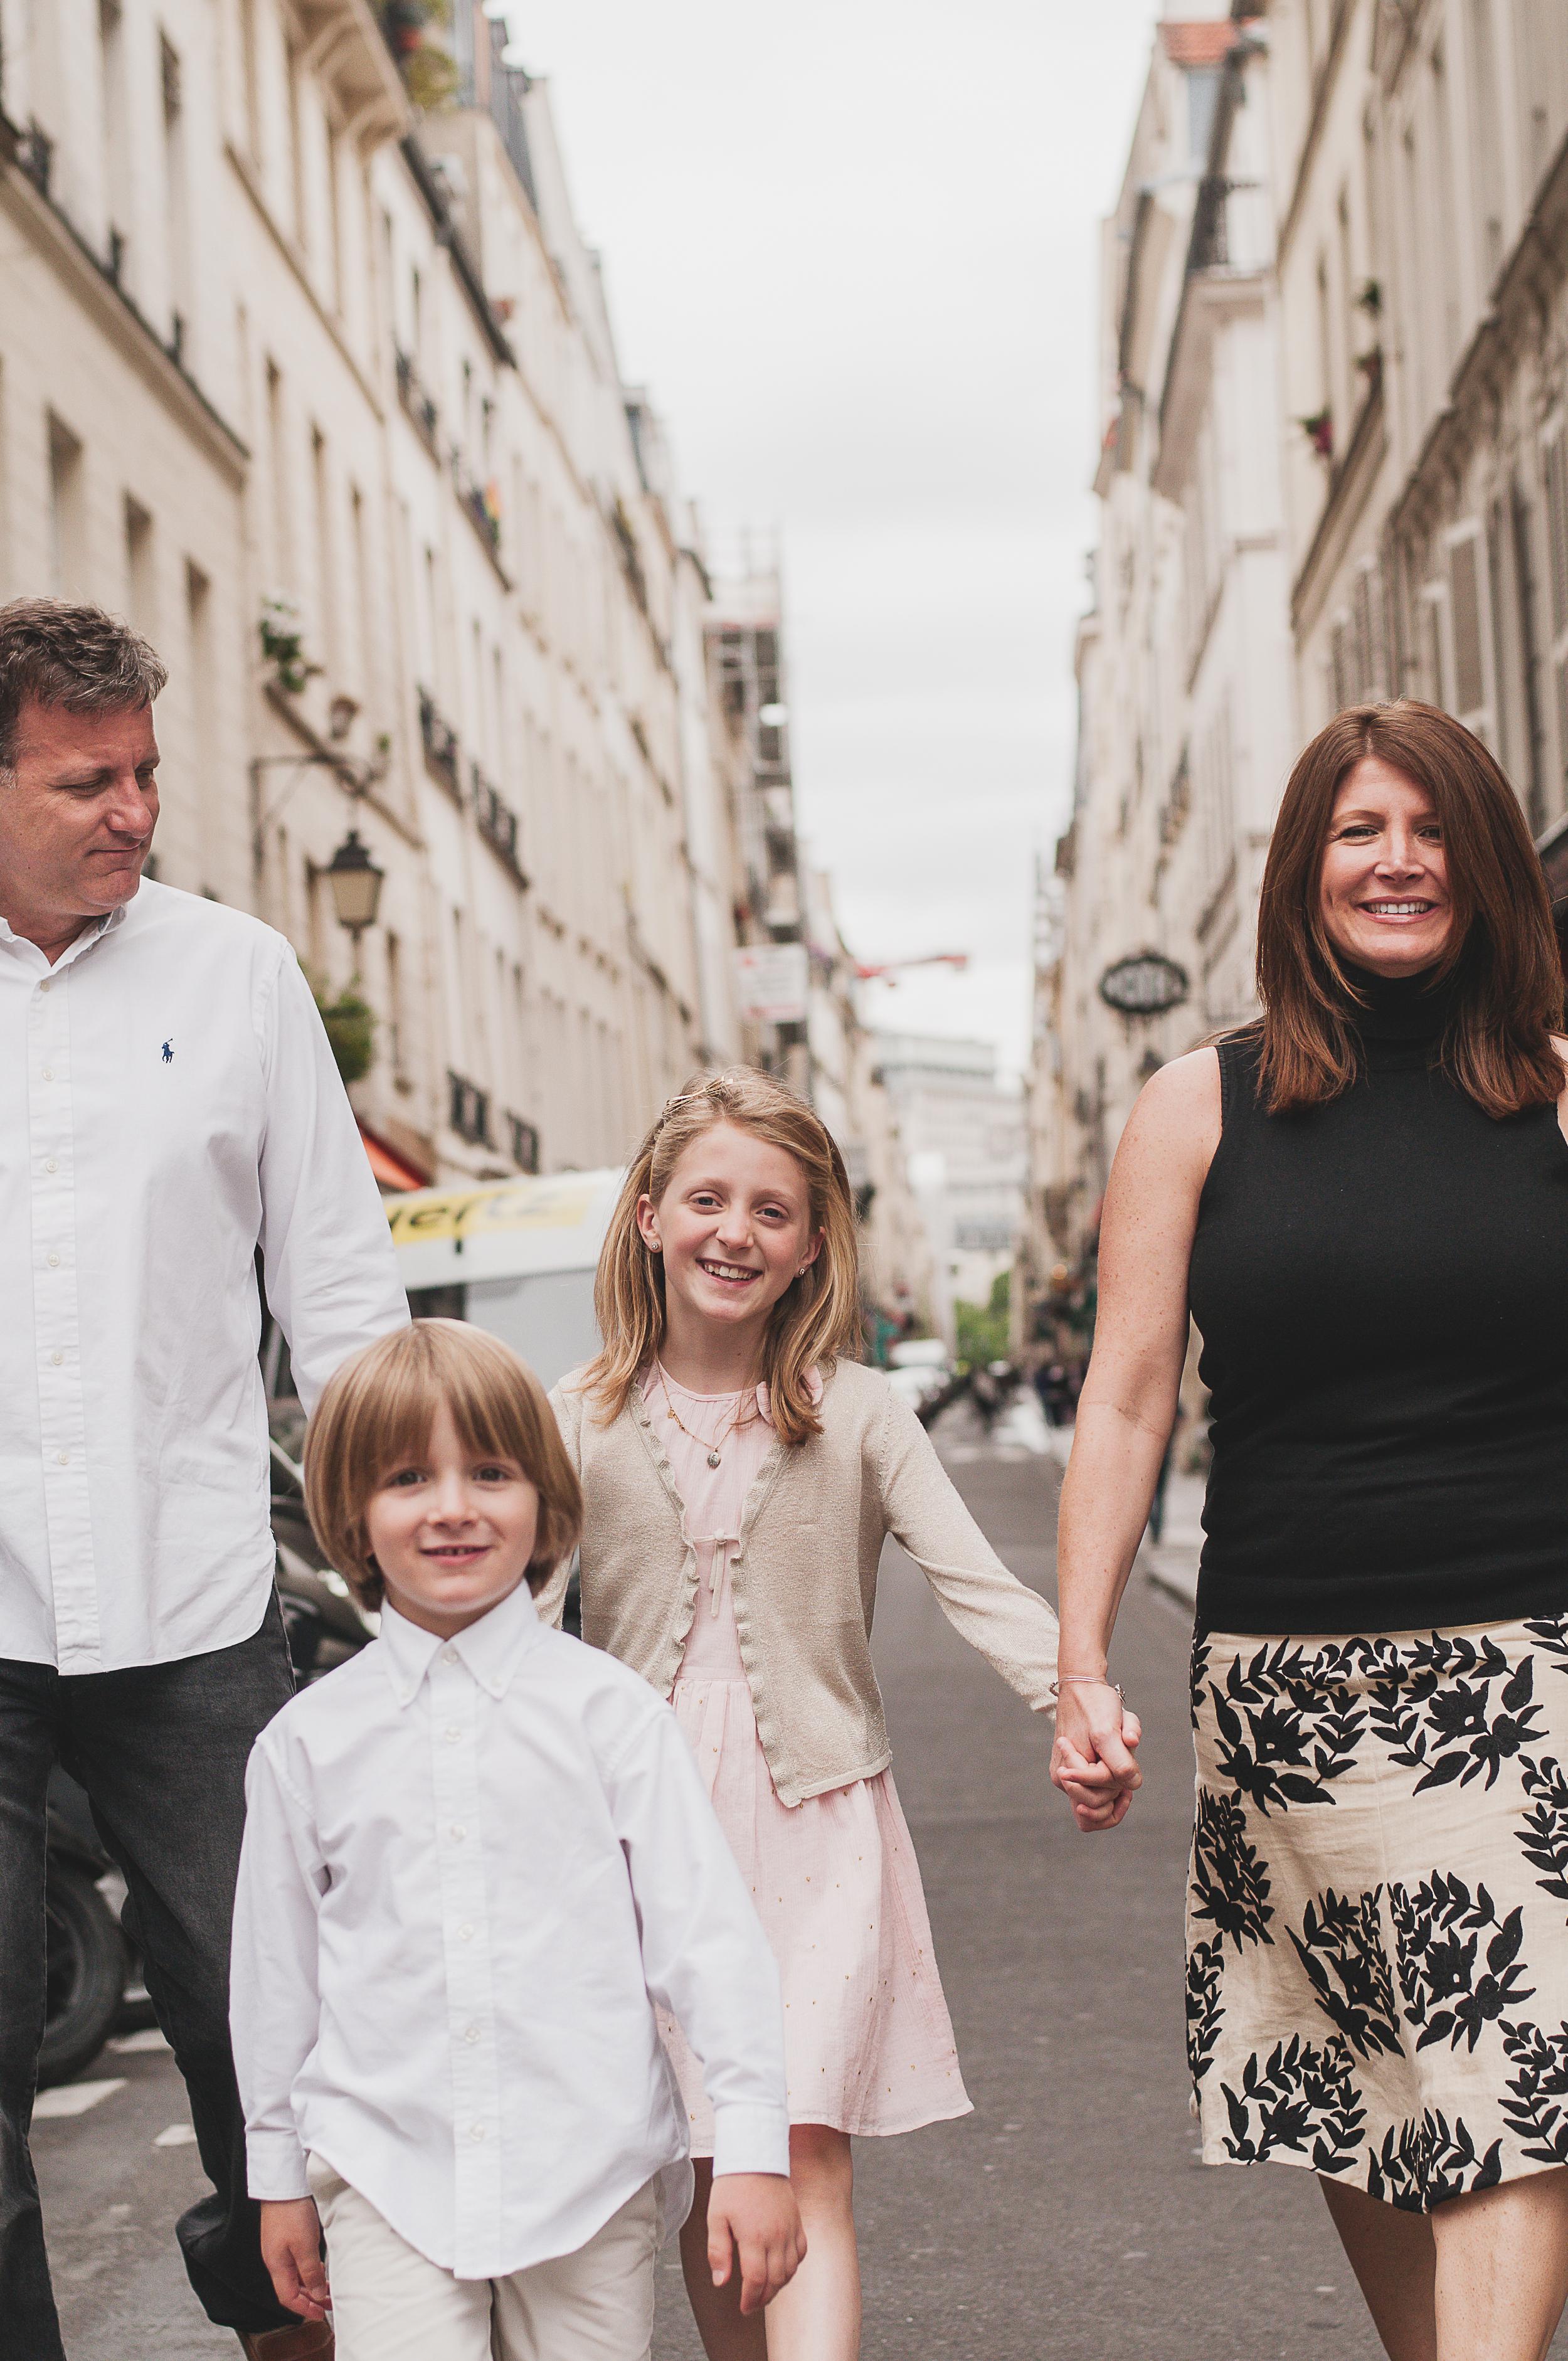 Killinger Family Photos-42.jpg